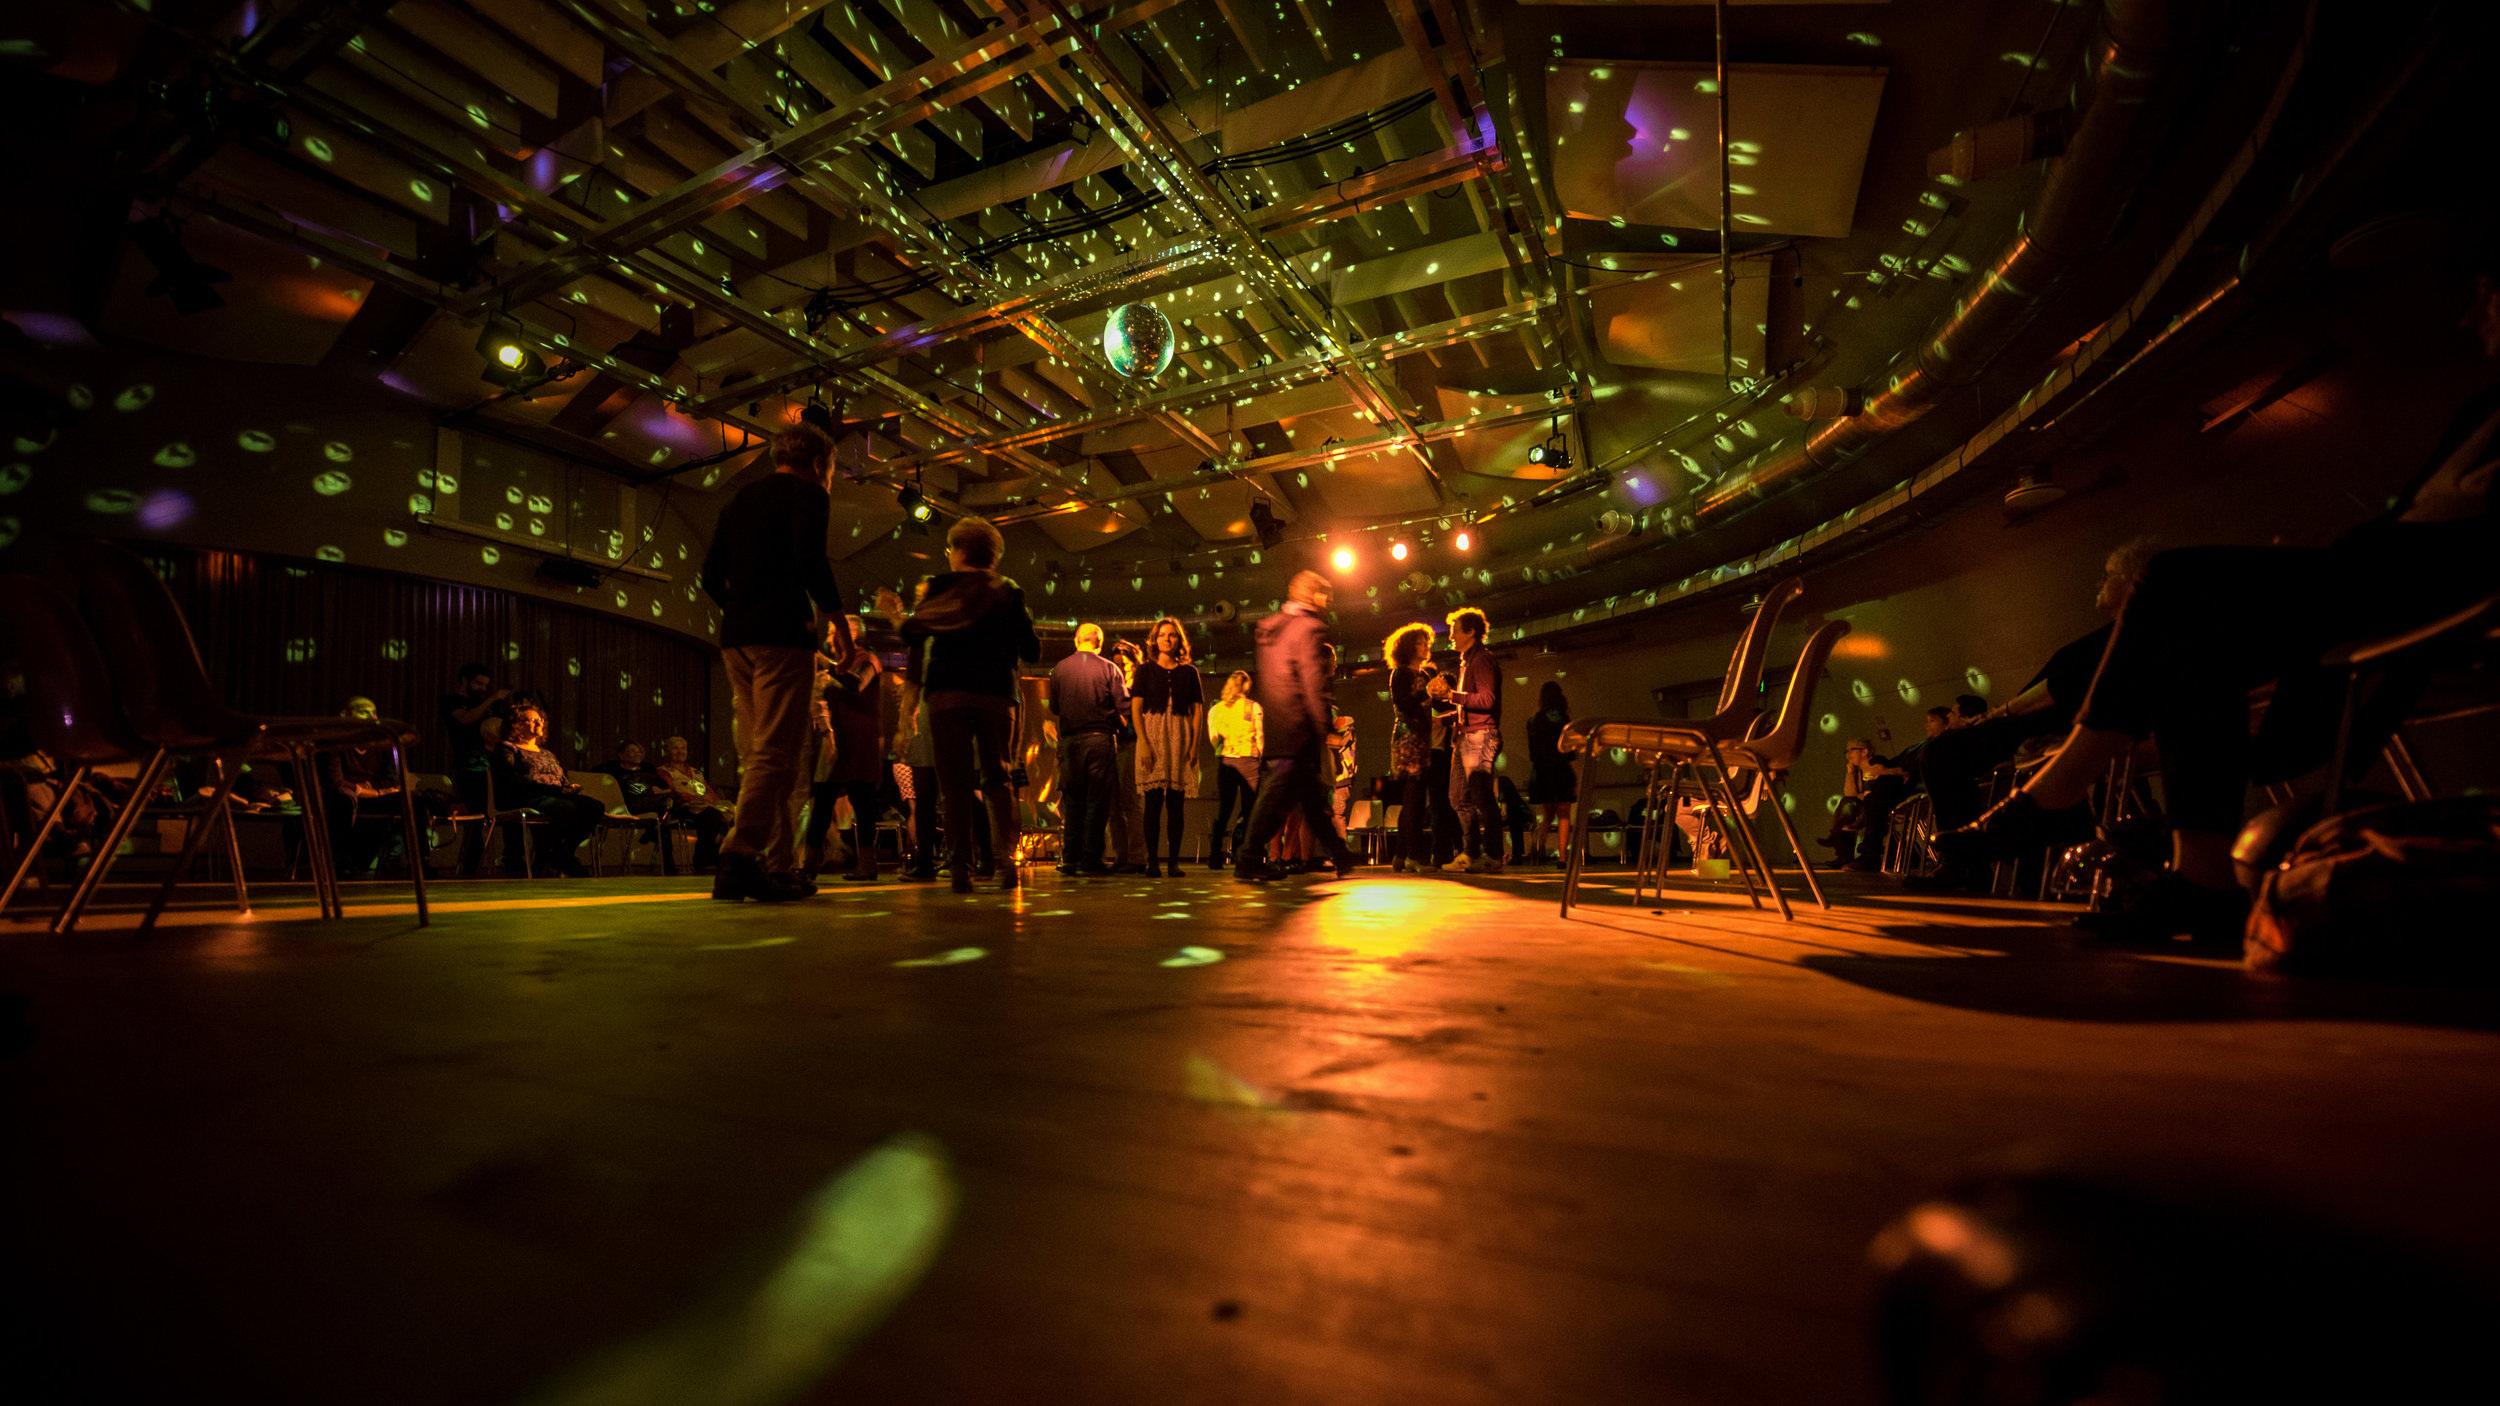 BALLROOM - Laboratorio di creazione coreografica condotto da Chiara Frigodal 24 al 27 giugno